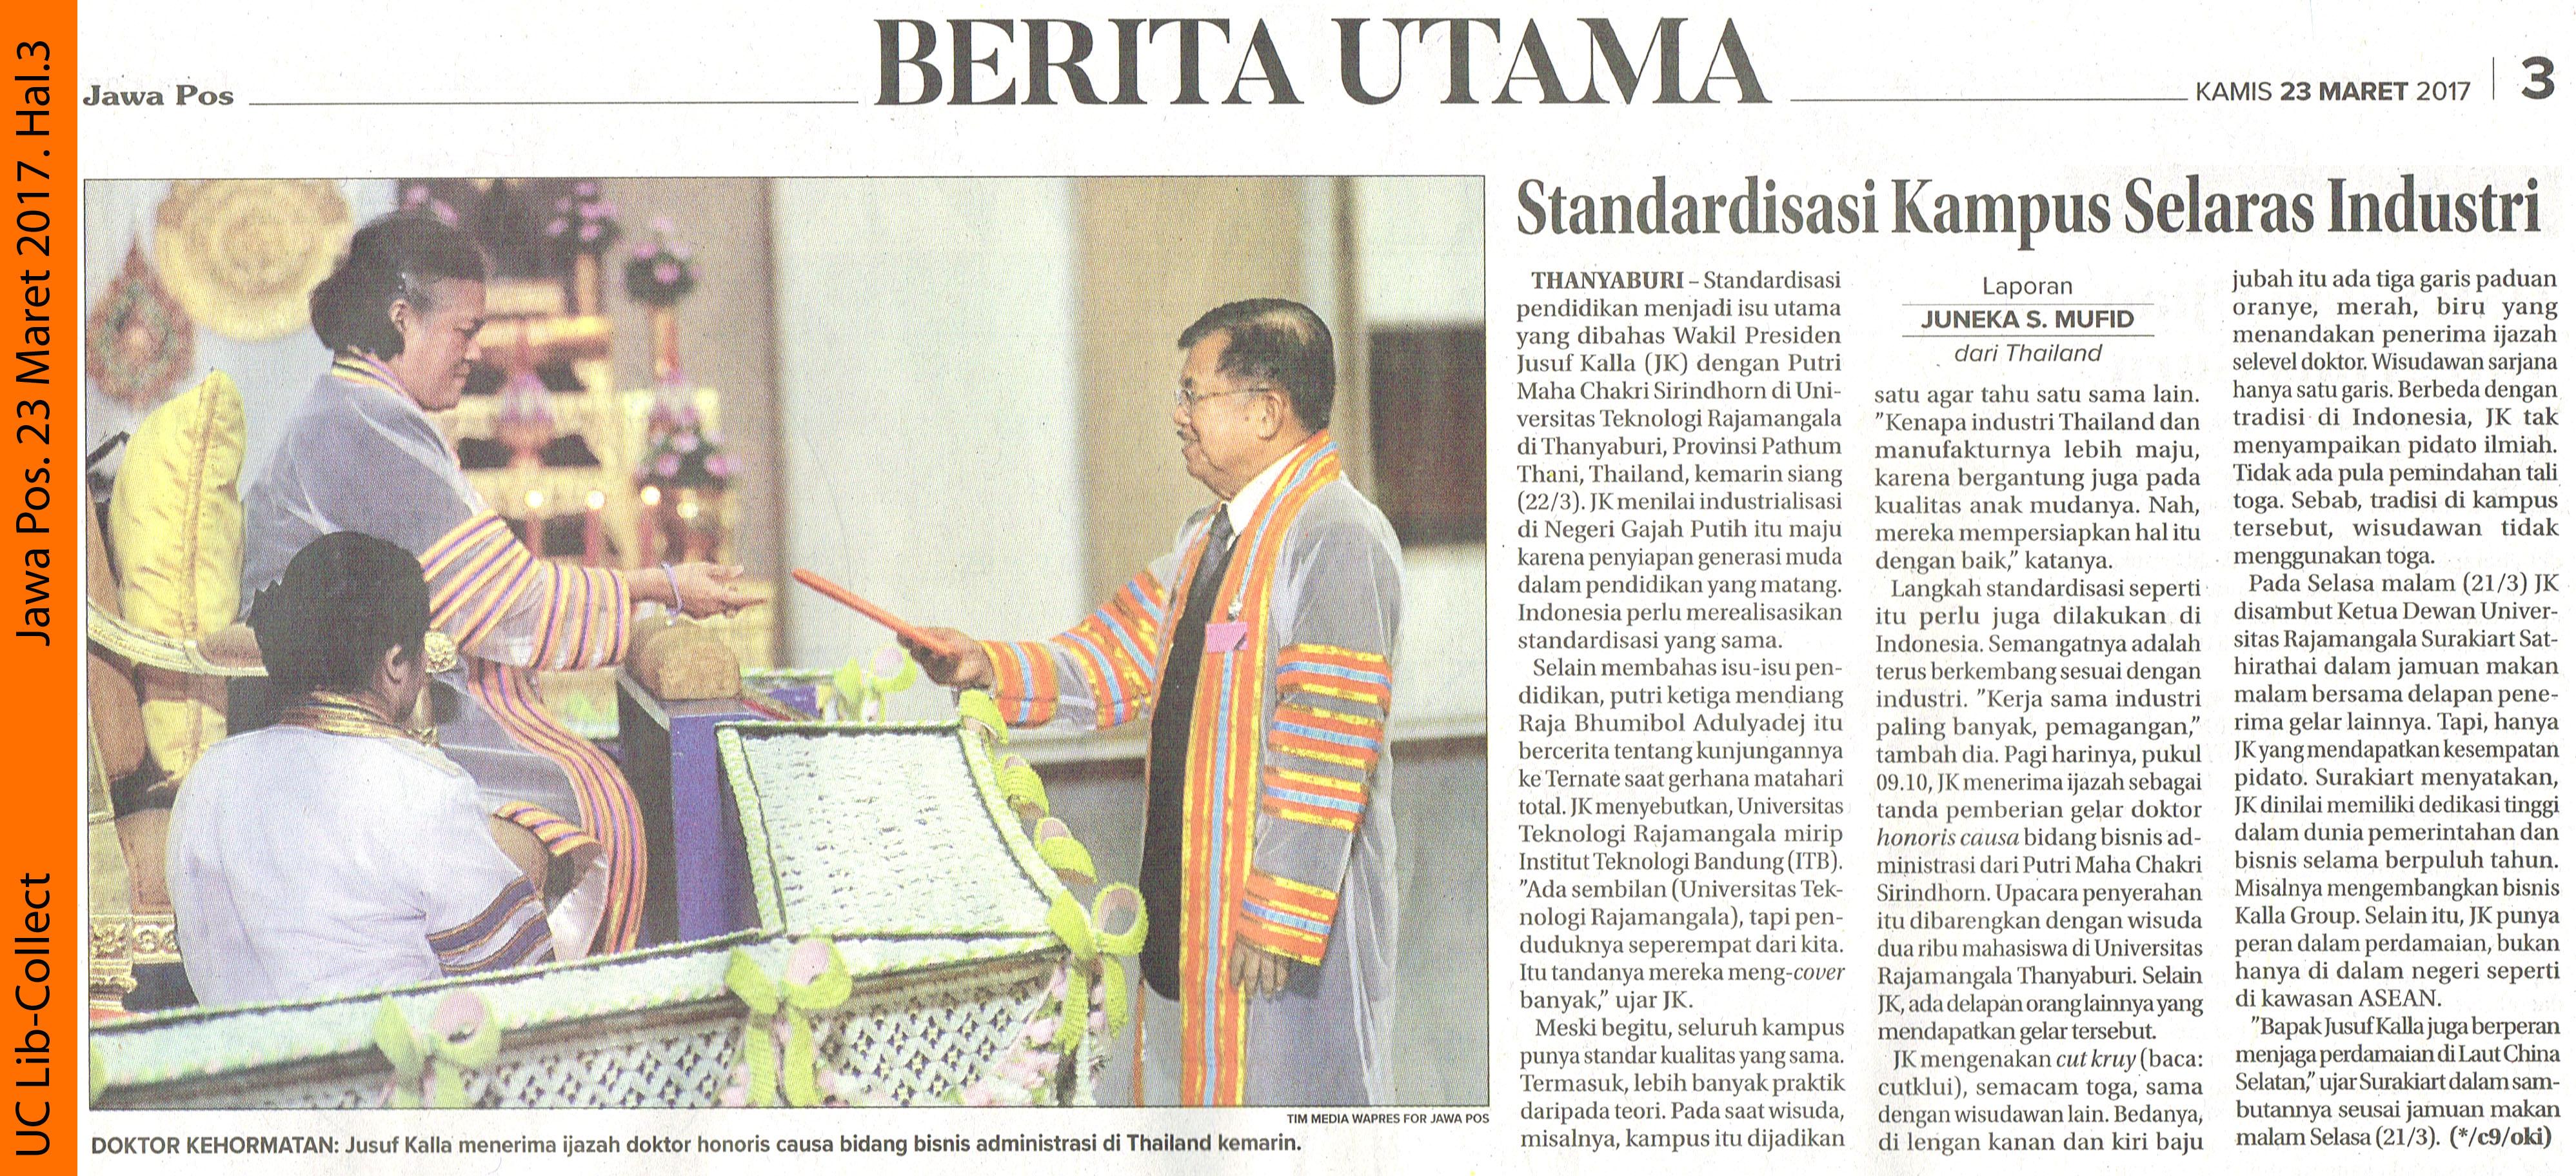 Standarisasi Kampus Selaras Industri. Jawa Pos. 23 Maret 2017. Hal.3